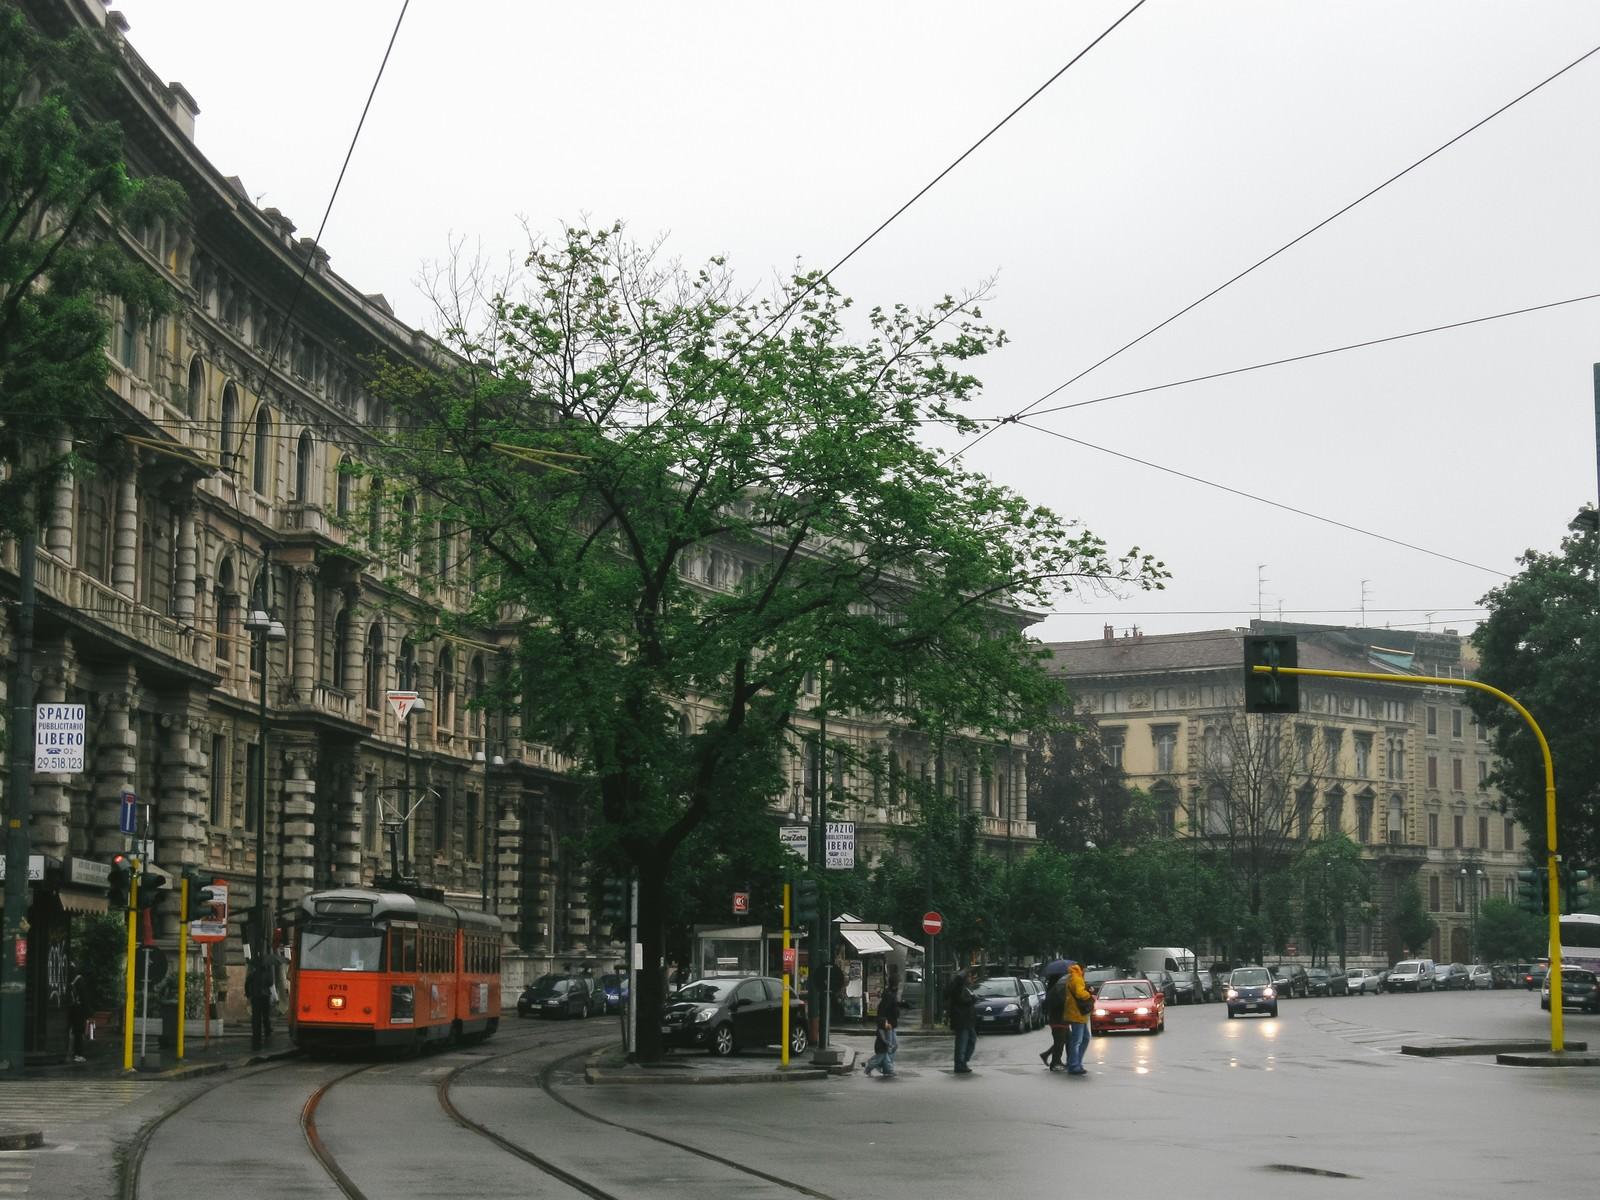 「ミラノの街並みと車道と平行して走る路面電車(イタリア)」の写真